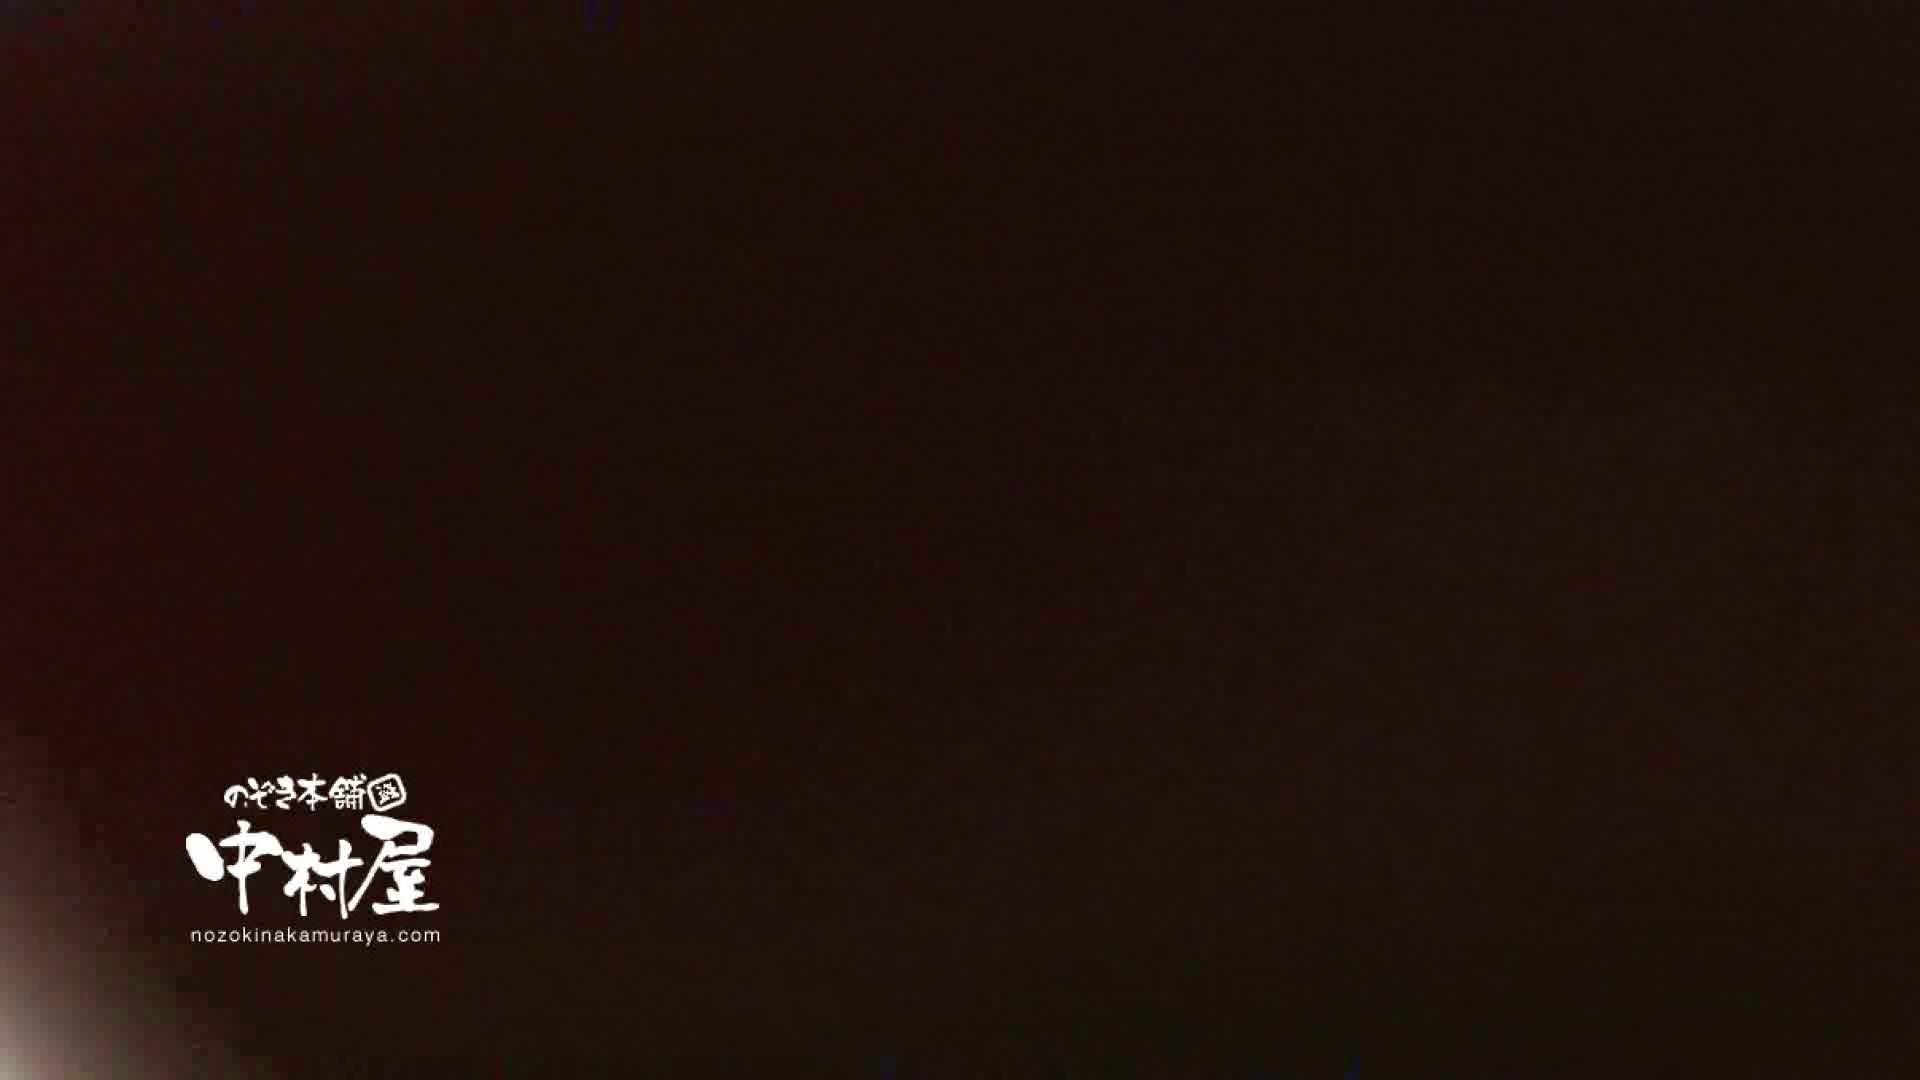 鬼畜 vol.18 居酒屋バイト時代の同僚に中出ししてみる 前編 0   0  87連発 79